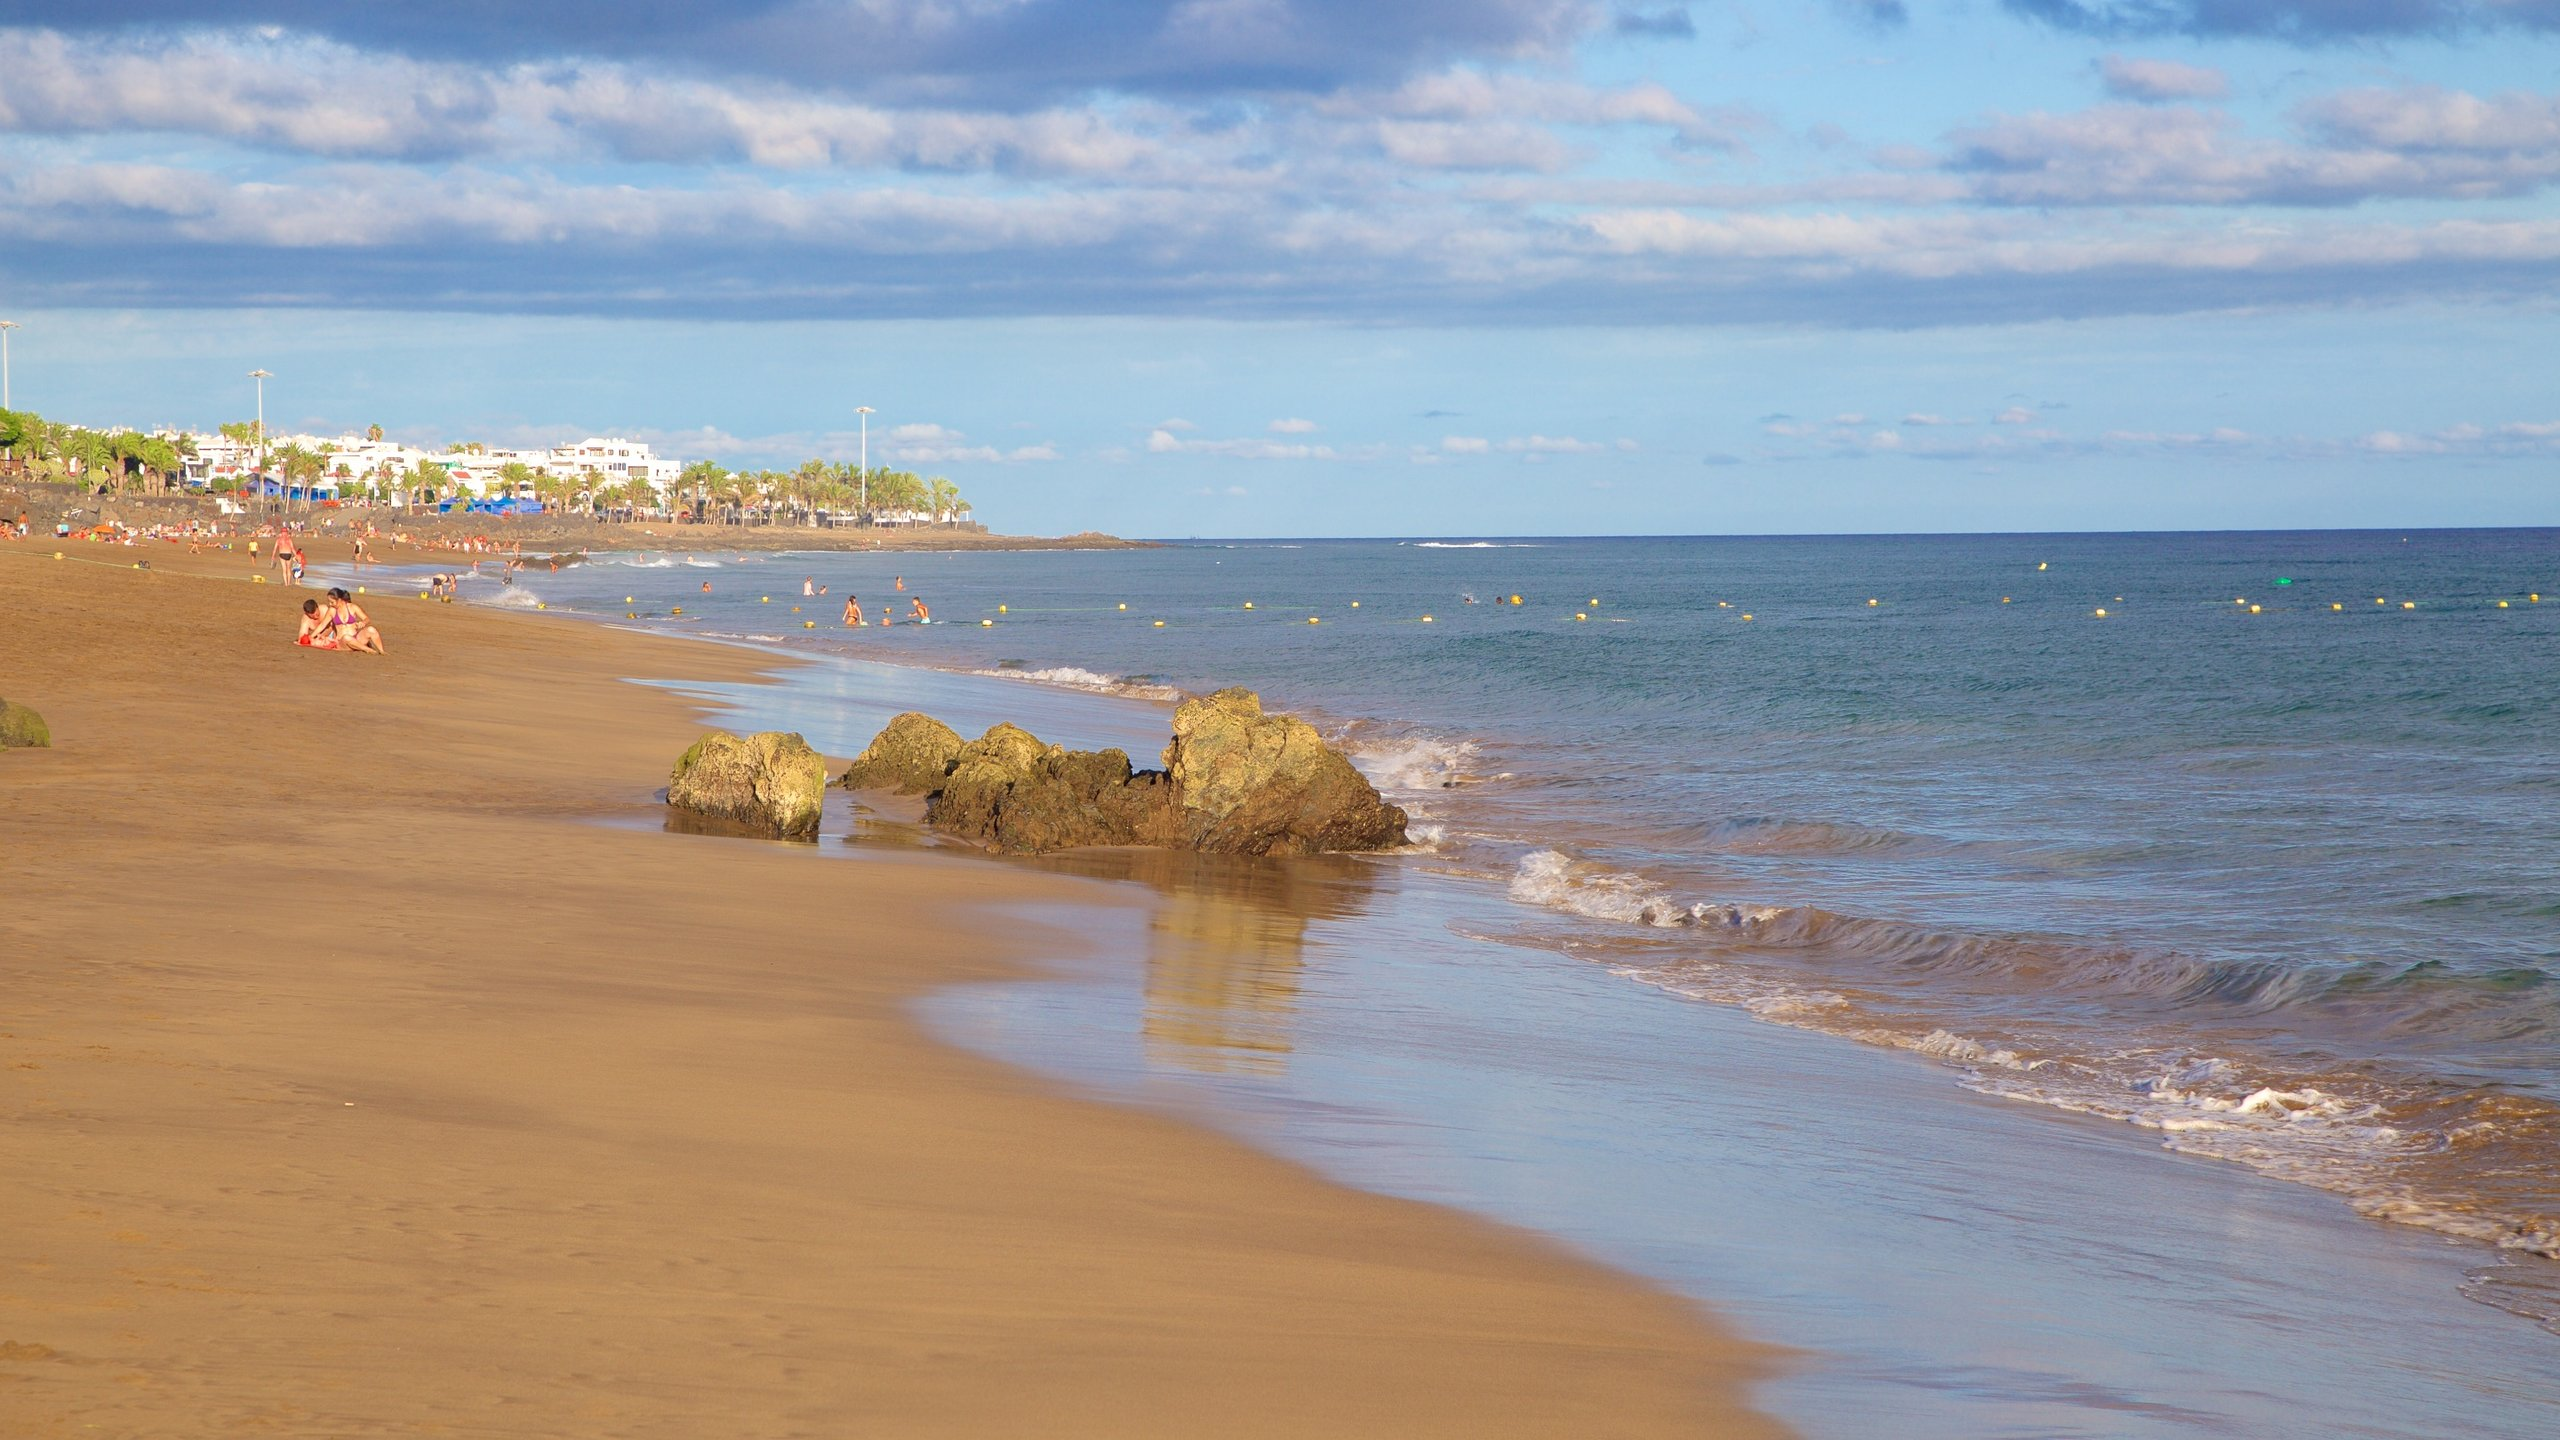 Puerto del Carmen, Tias, Canary Islands, Spain